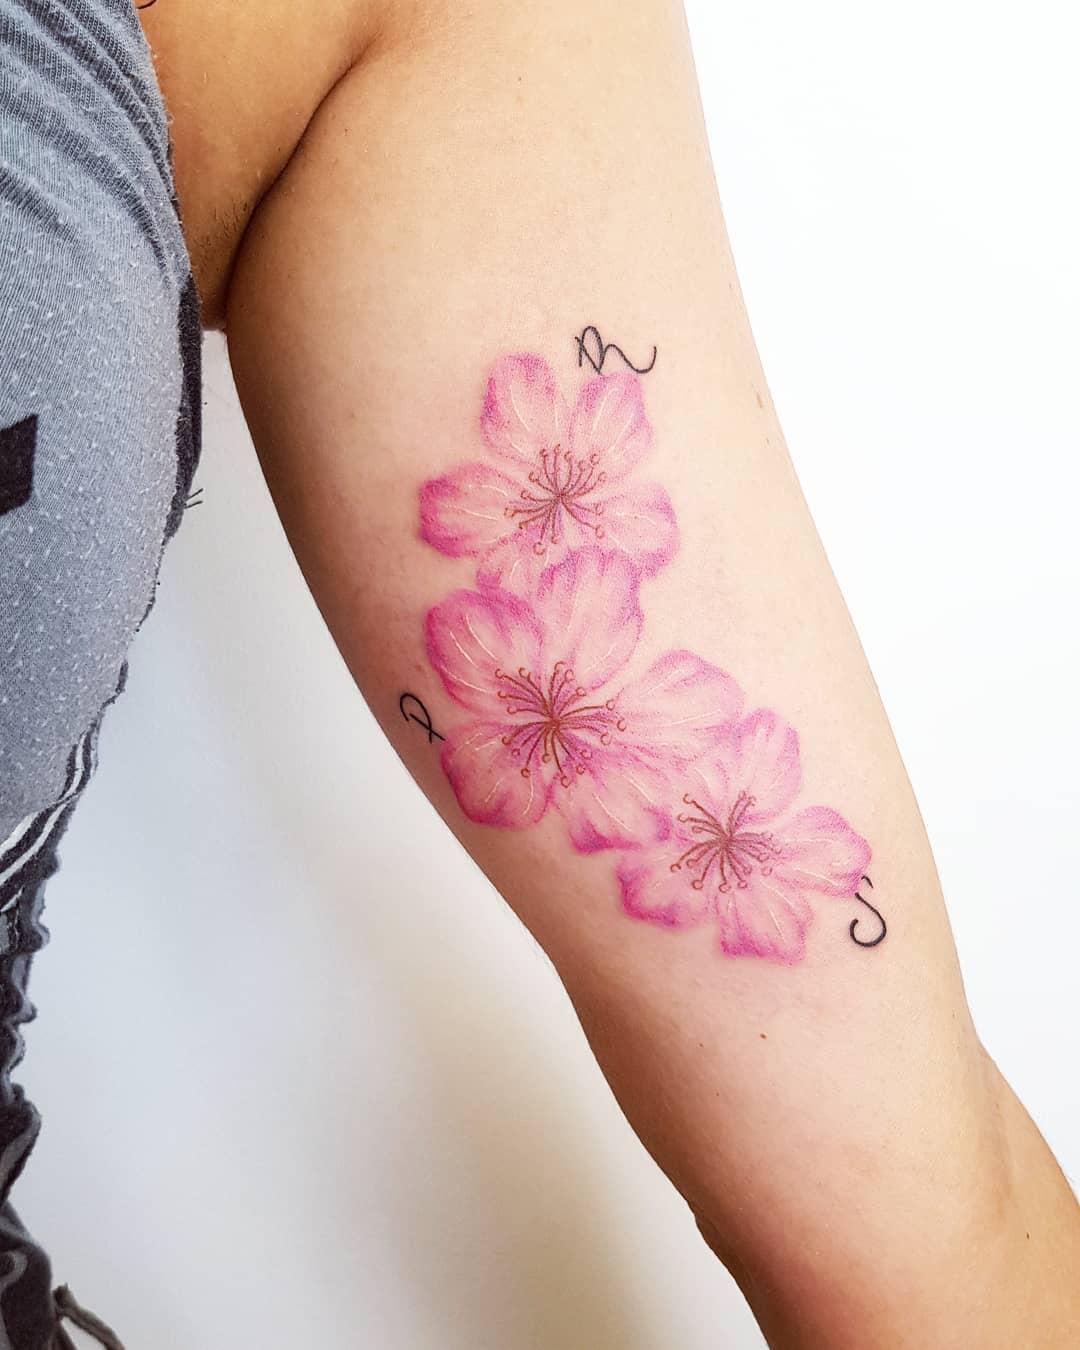 tatuaggio fiore di pesco by @blackinblacktattoo